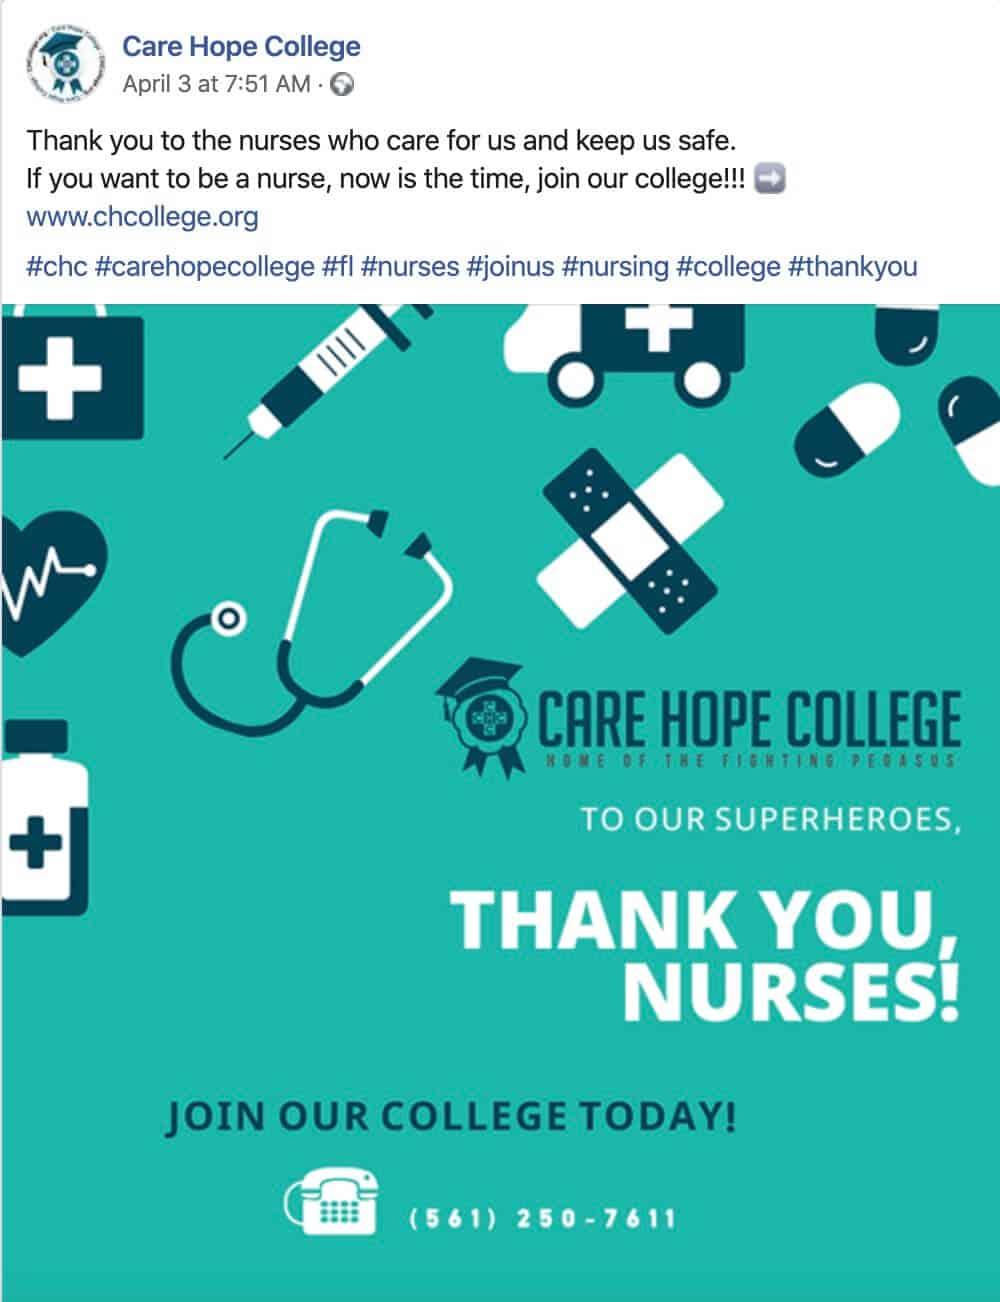 Nursing Industry Social Media